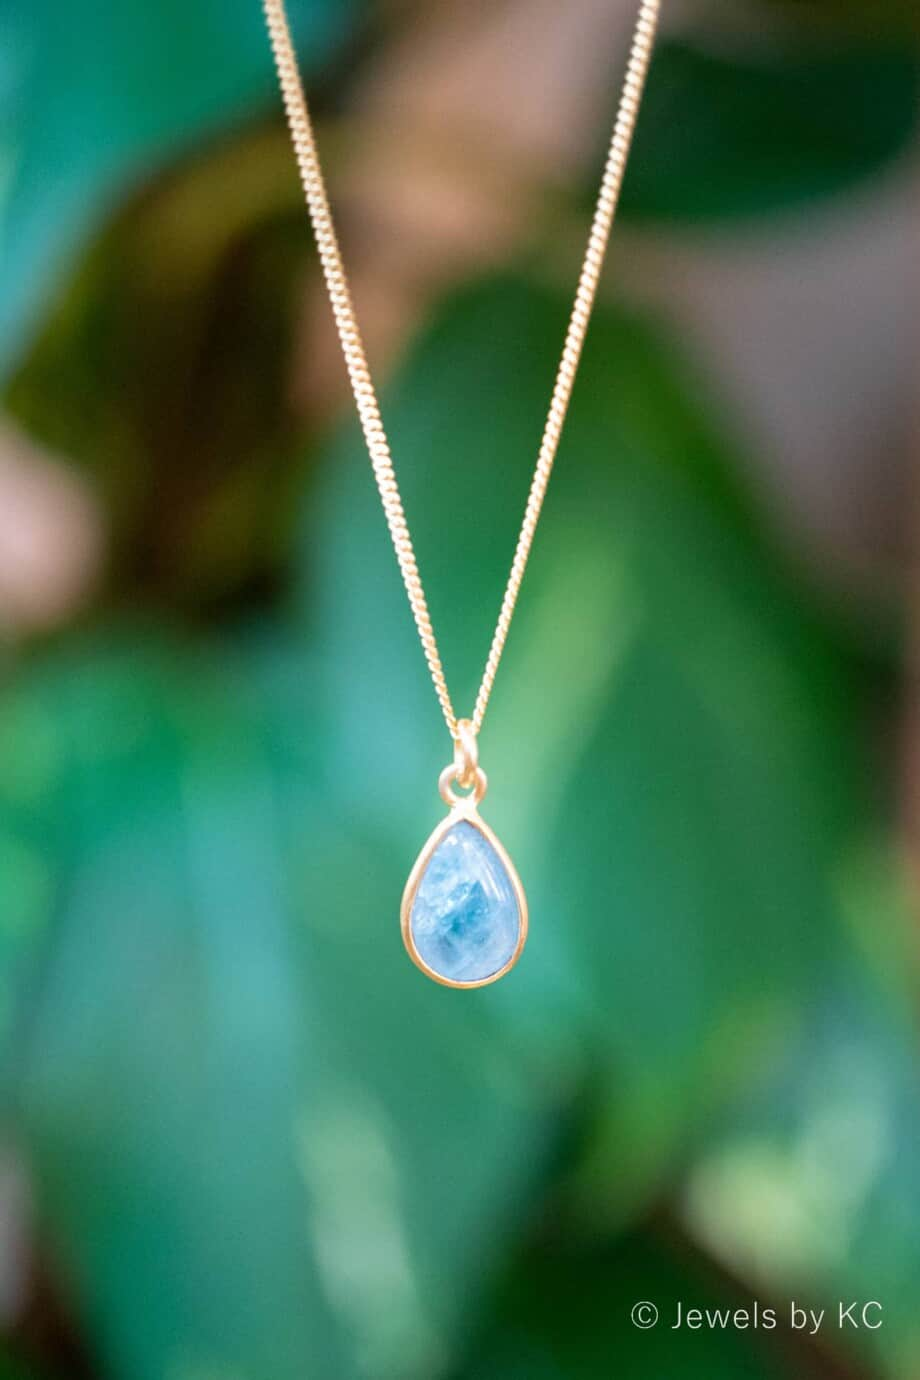 Gouden edelsteen ketting met licht-blauwe Aquamarijn, van Goud op Zilver,